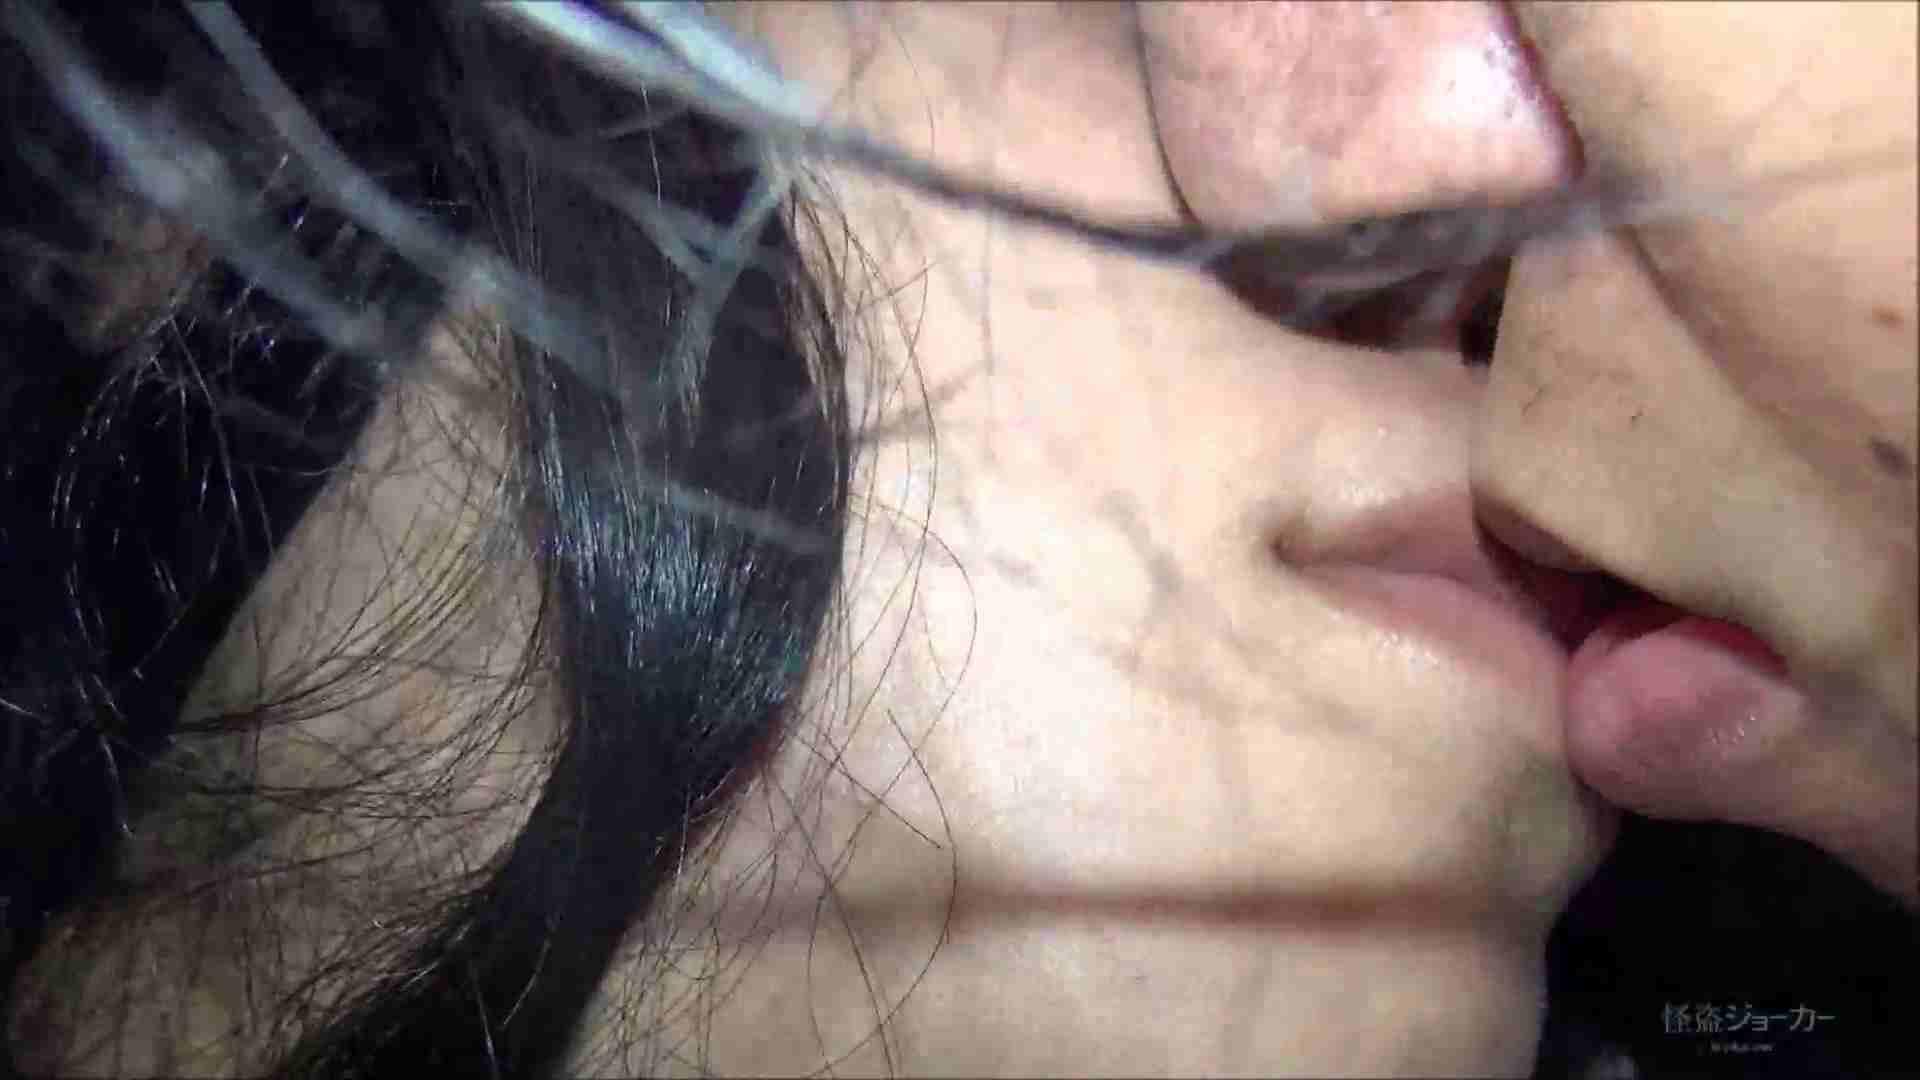 【未公開】vol.59【小春】回想・・・もう今は見れない黒髪と制月反姿。。。 細身女性 | ラブホテル  80画像 27